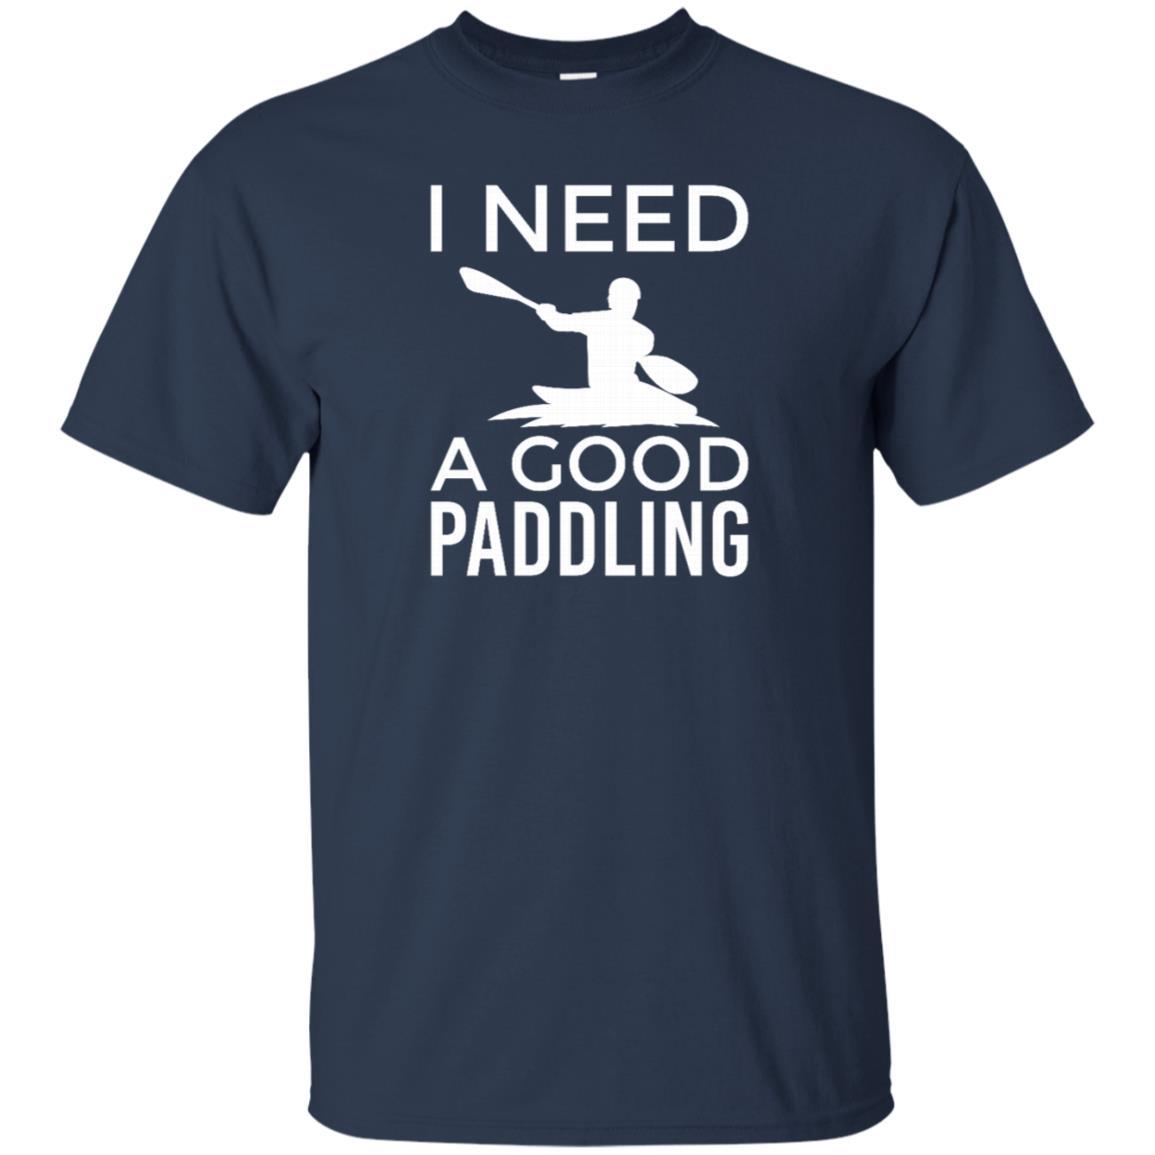 Whitewater Kayaking Gift Tee Need Good Paddling Unisex Short Sleeve